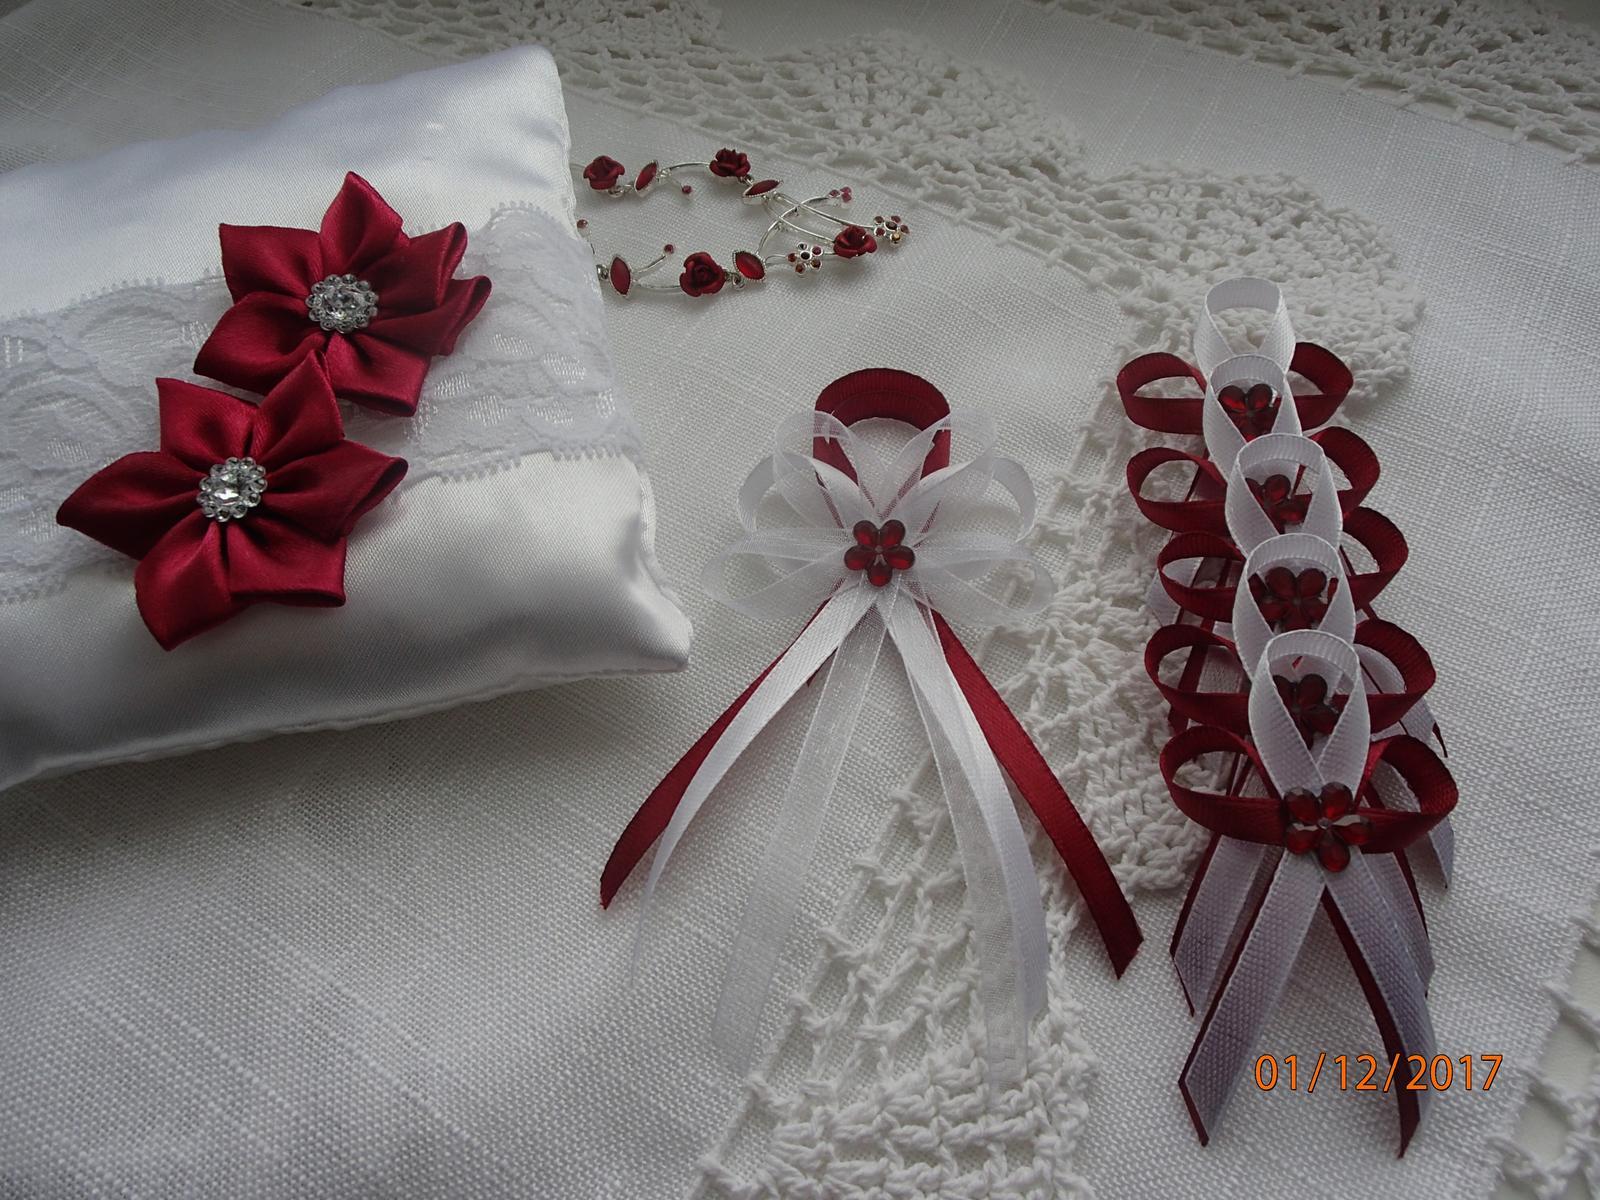 Svatební vývazky, polštářky, ozdoby do vlasů a podvazky... - Obrázek č. 6